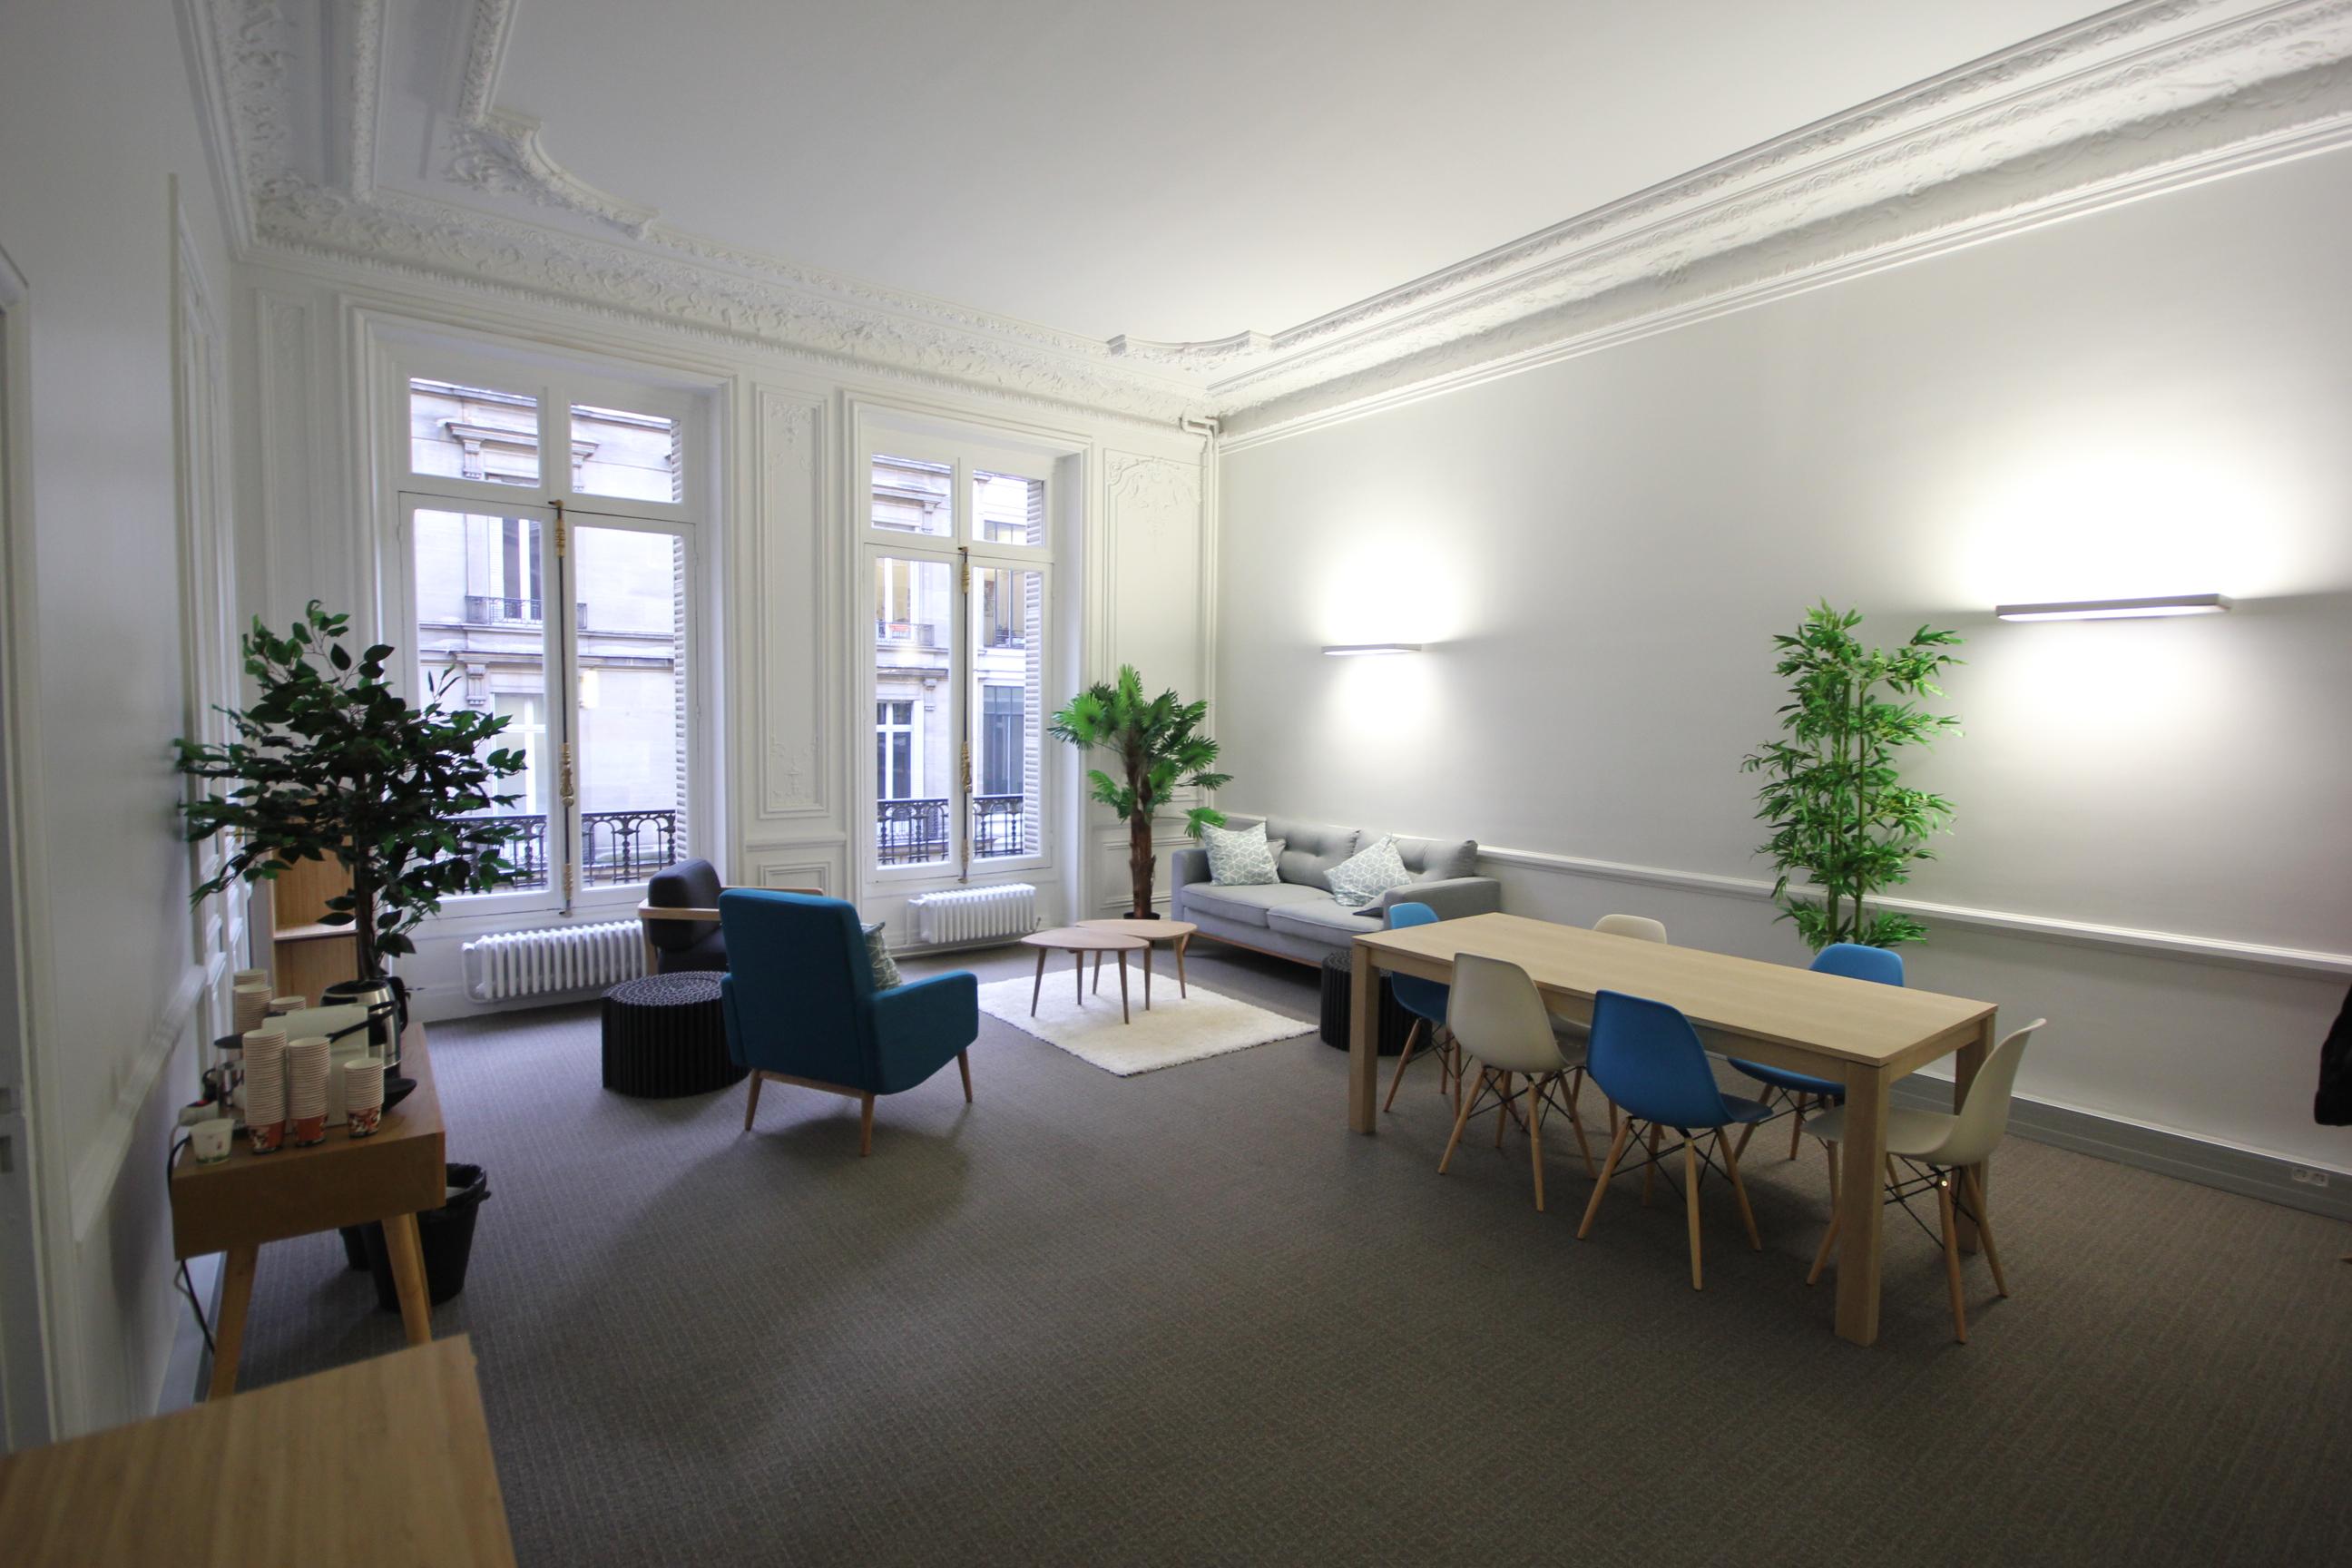 page presse de bureaux a partager. Black Bedroom Furniture Sets. Home Design Ideas